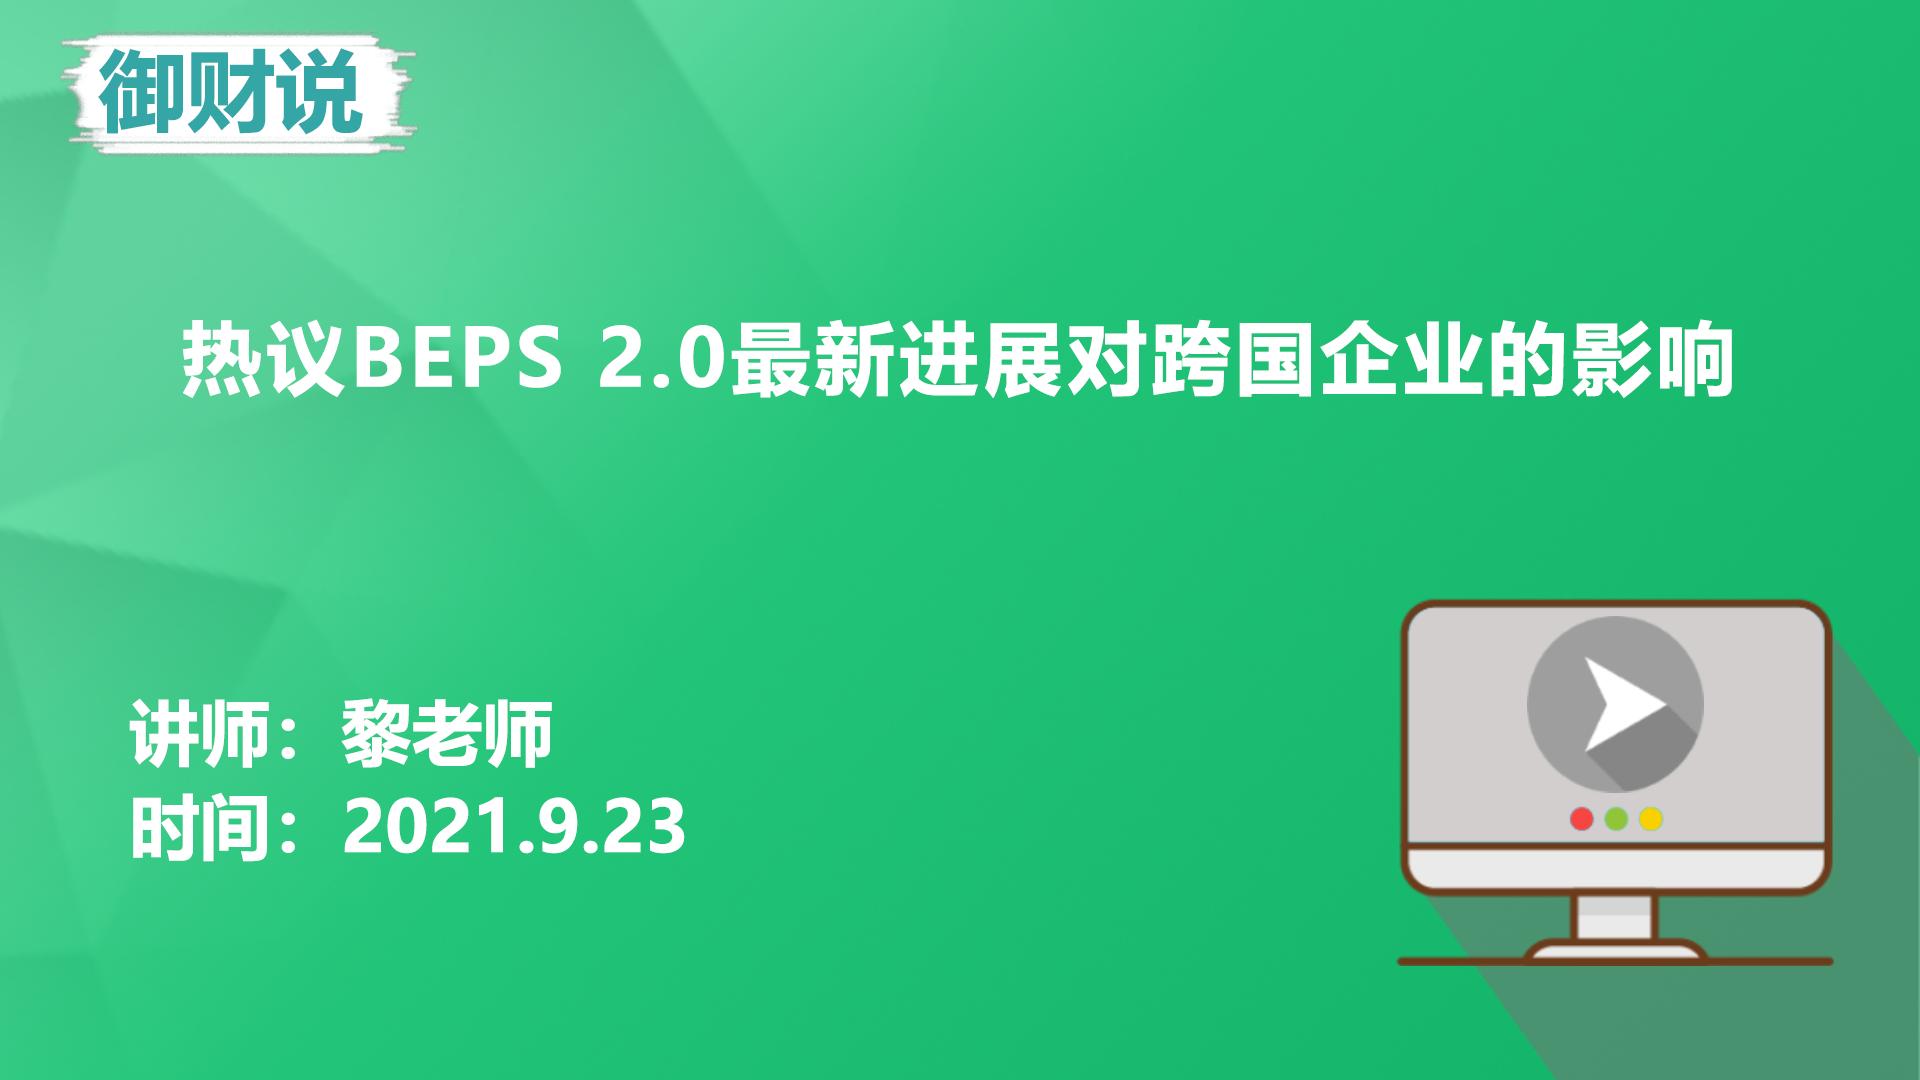 热议BEPS 2.0双支柱方案的进展对跨国企业的影响